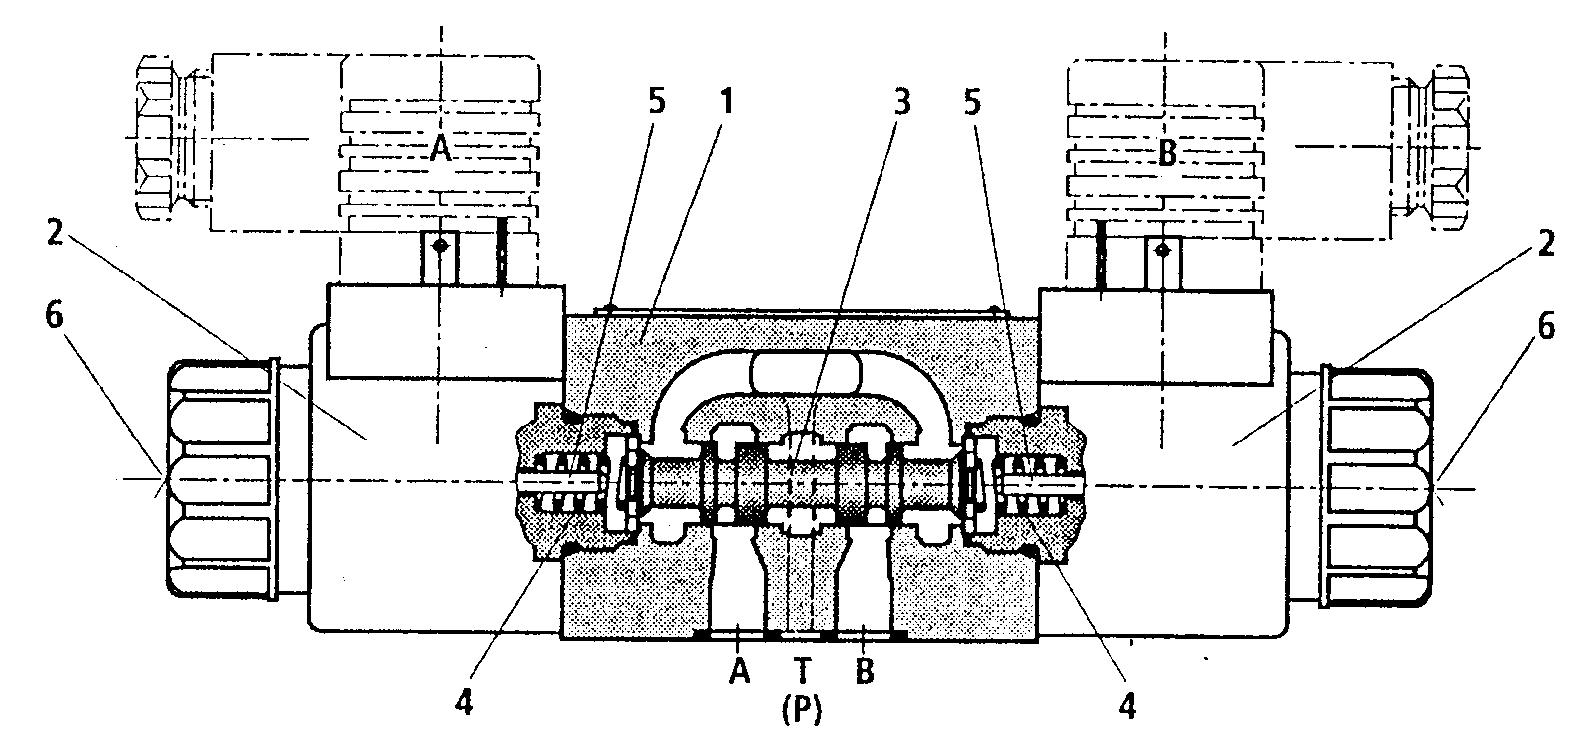 гидростанции схема подключения